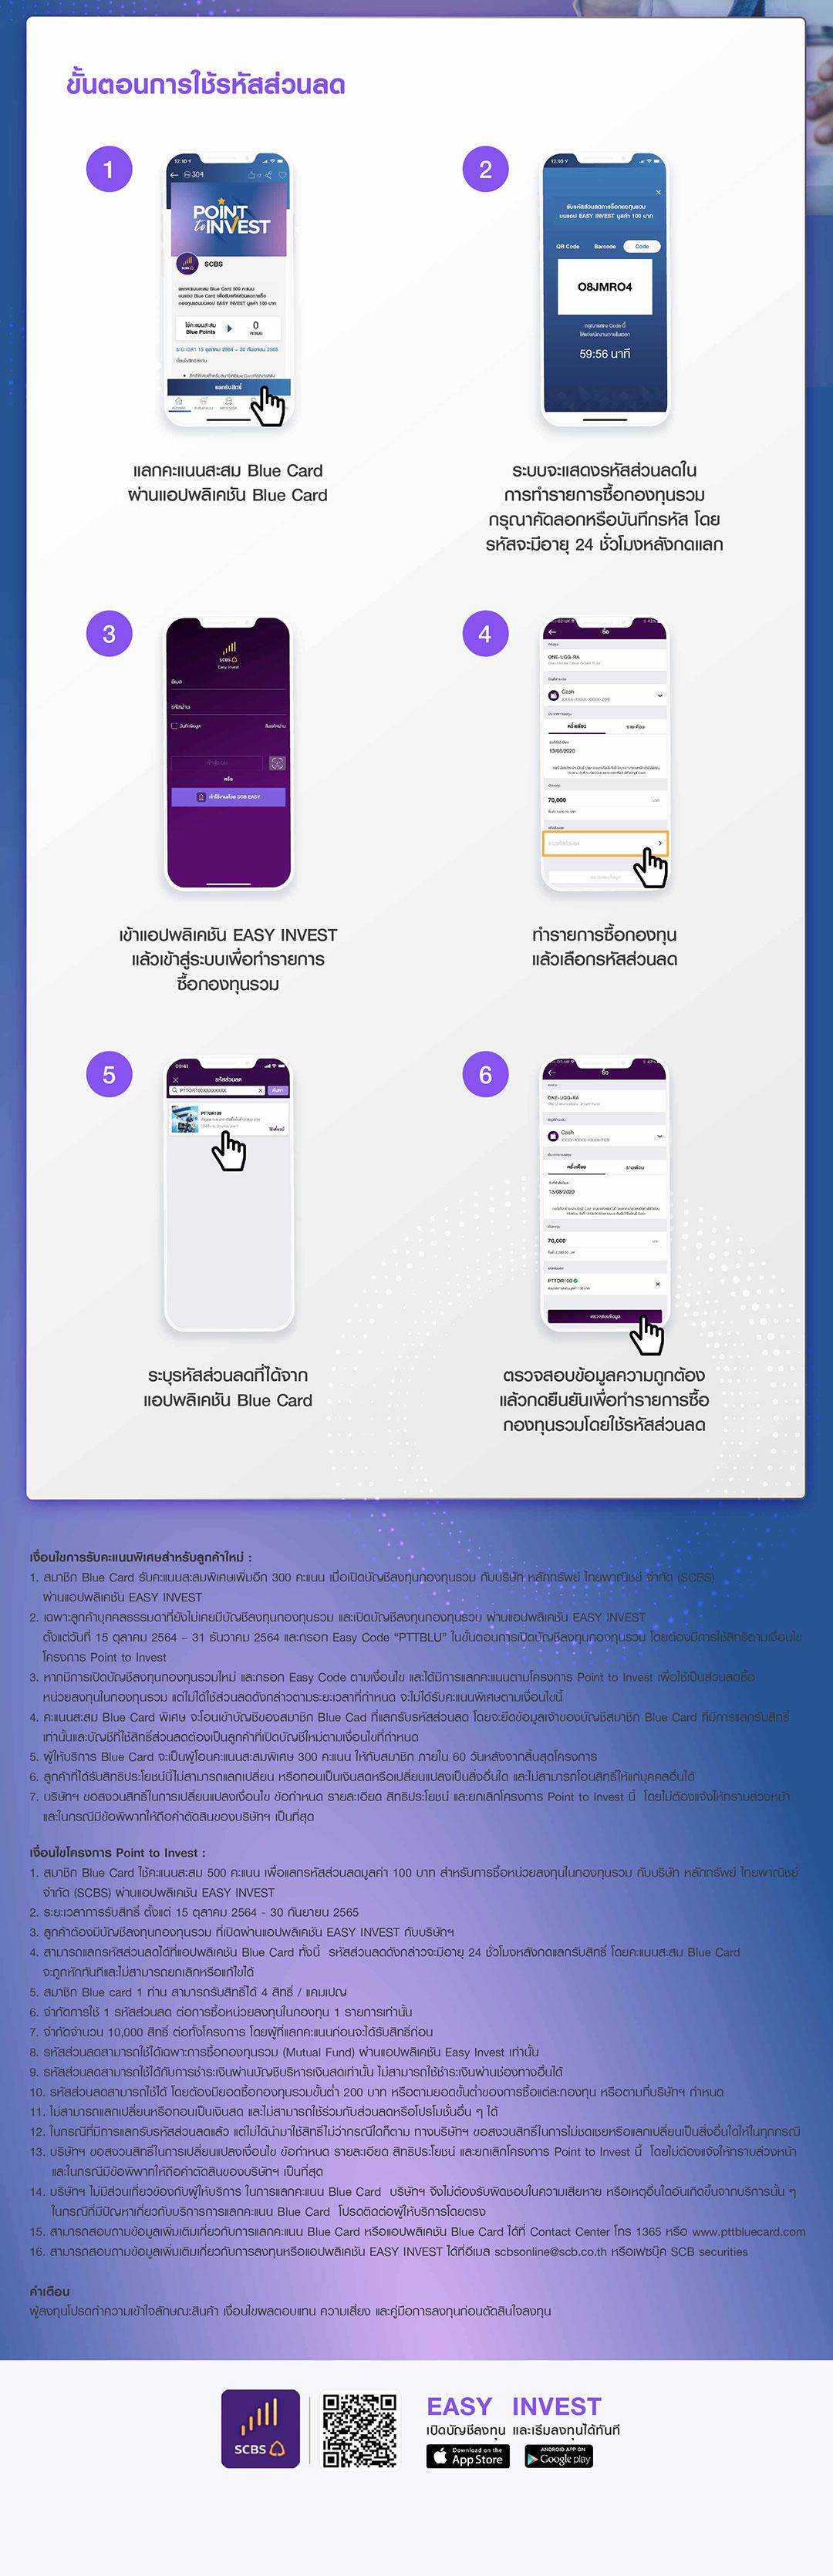 แลกคะแนนสะสม ปตท Blue Card 500 คะแนนบนแอปพลิเคชั่น Blue Card เพื่อรับรหัสส่วนลดการซื้อกองทุนรวมบนแอป EASY INVEST มูลค่า 100 บาท ทำรายการได้ถึง 30 กันยายน 2565 ลูกค้าใหม่เปิดบัญชีลงทุนกับแอป EASY INVEST รับคะแนน Blue Card เพิ่ม 300 คะแนนเมื่อใส่ Easy Code PTTBLU ในการเปิดบัญชี ถึง 31 ธันวาคม 2564